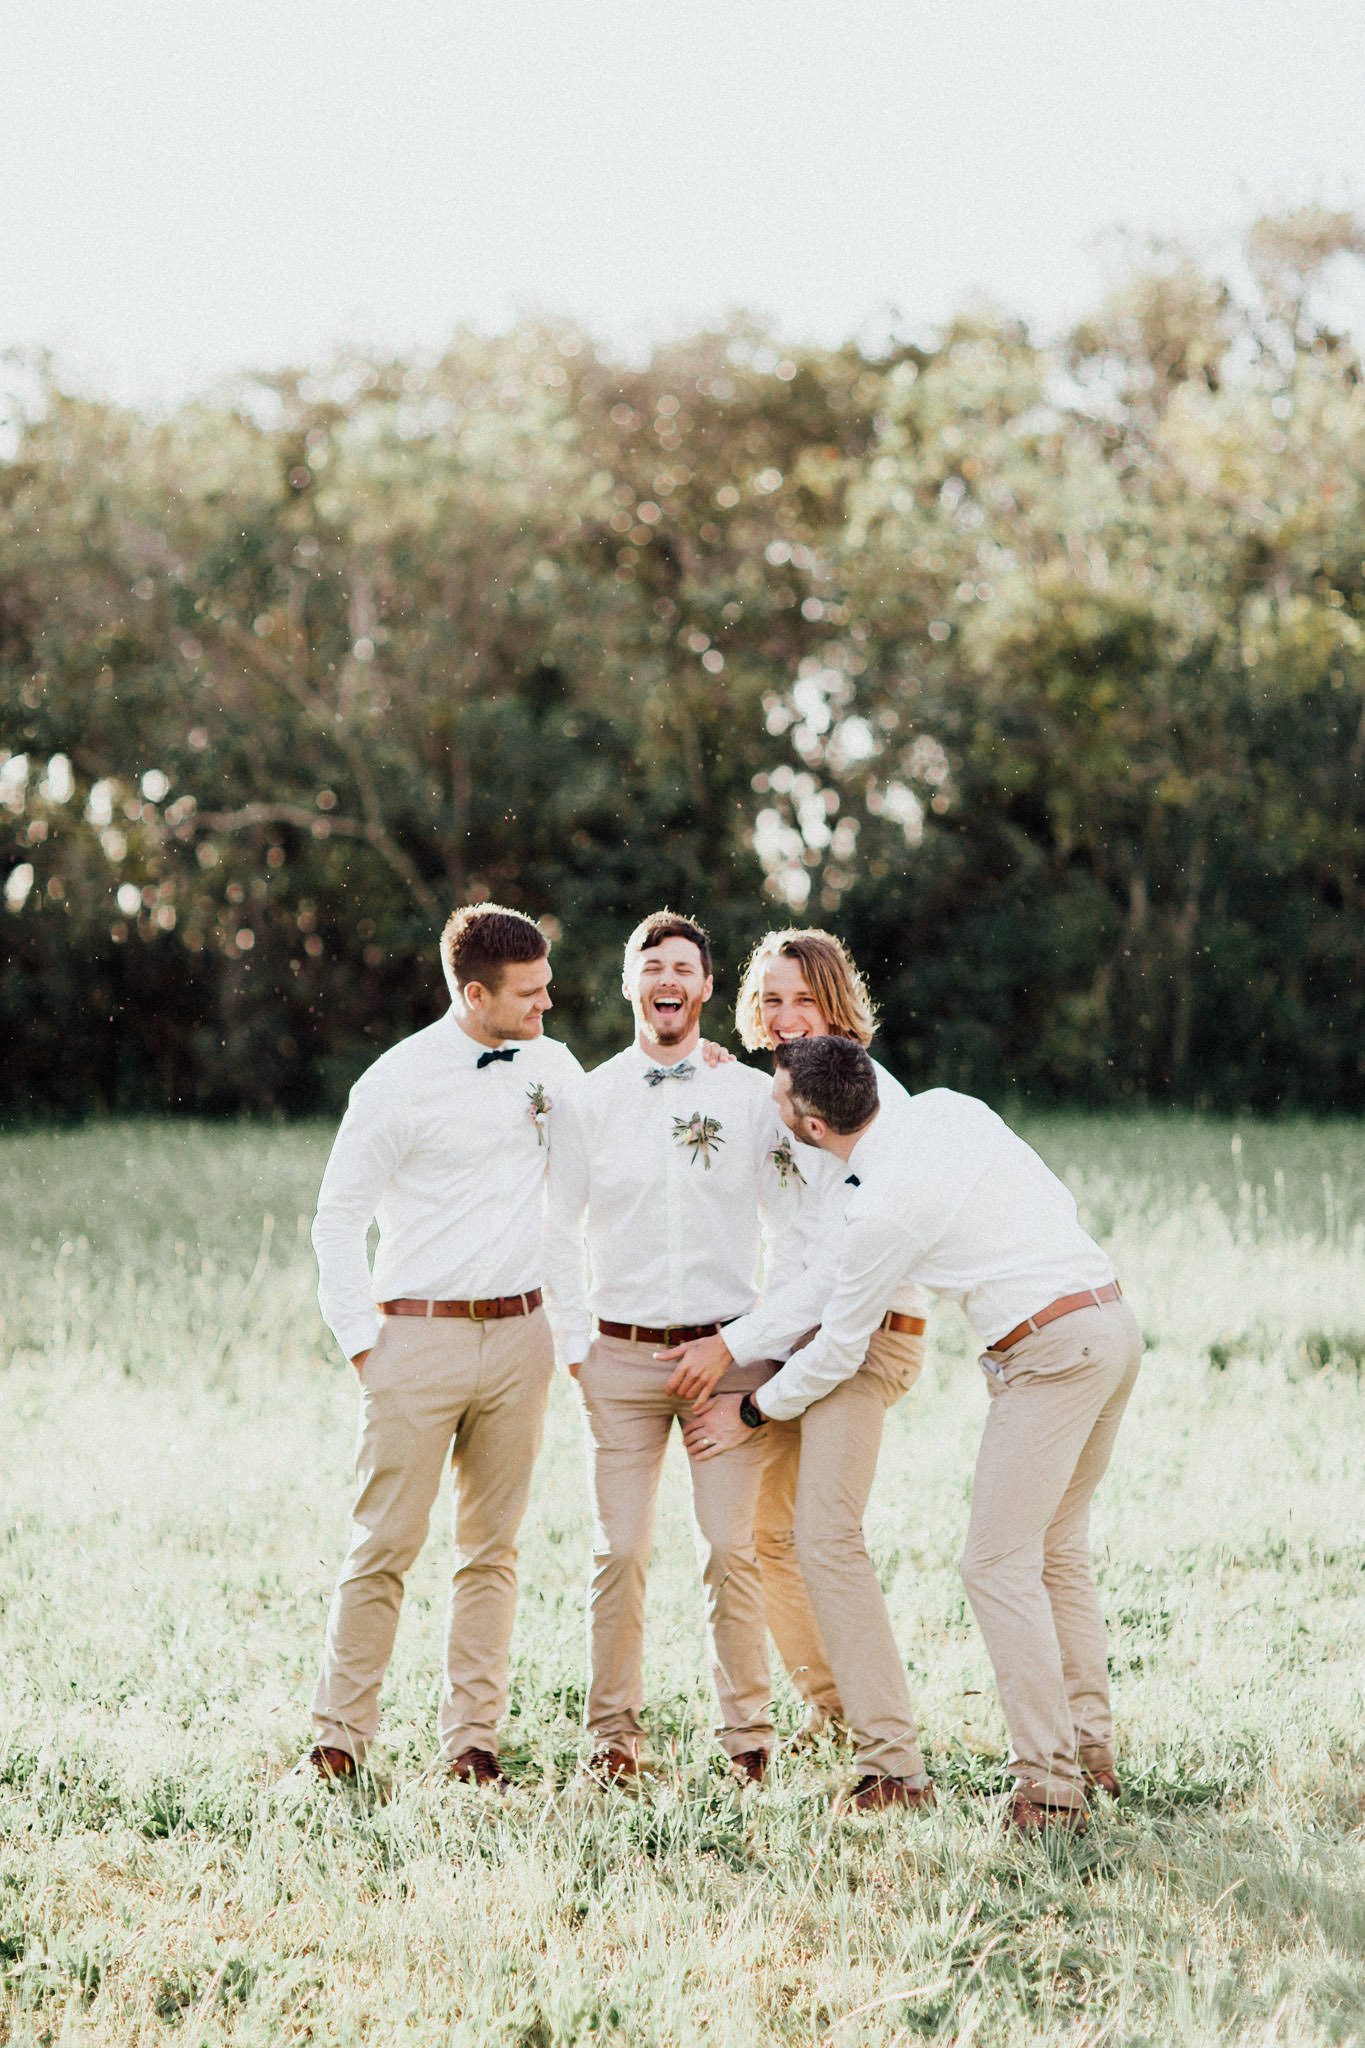 WeddingPhotos_Facebook_2048pixels-1537.jpg